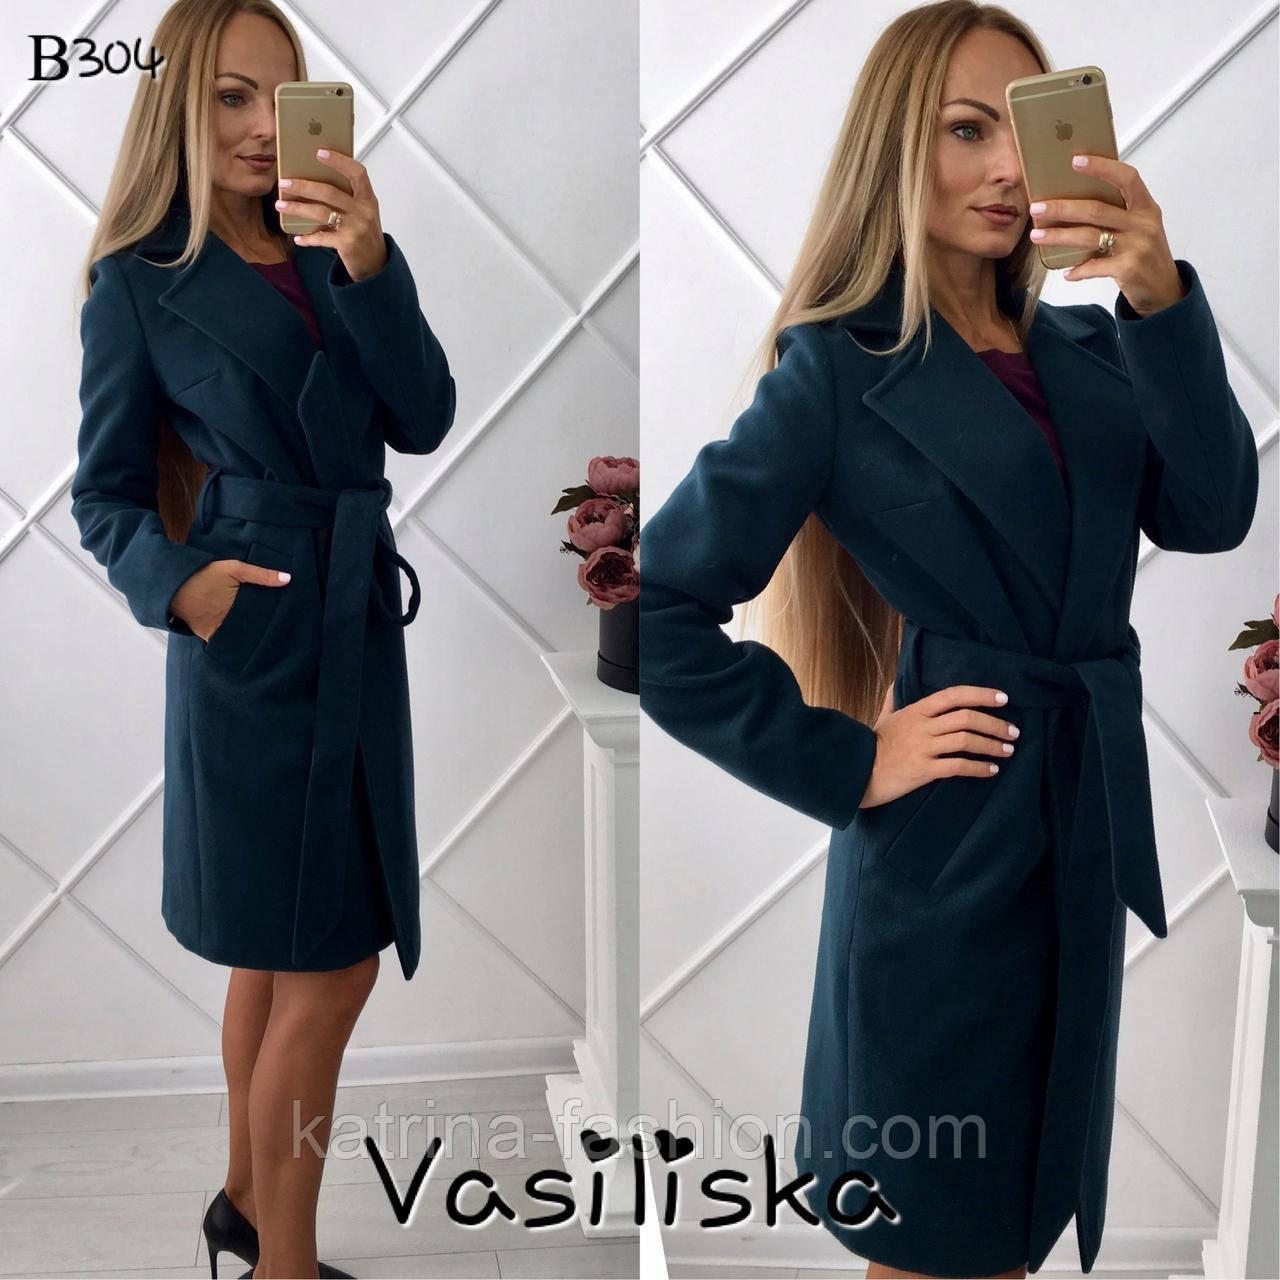 3ed314ca0dc Женское кашемировое пальто с подскладкой на запах (длина до колен и ниже  колен) -